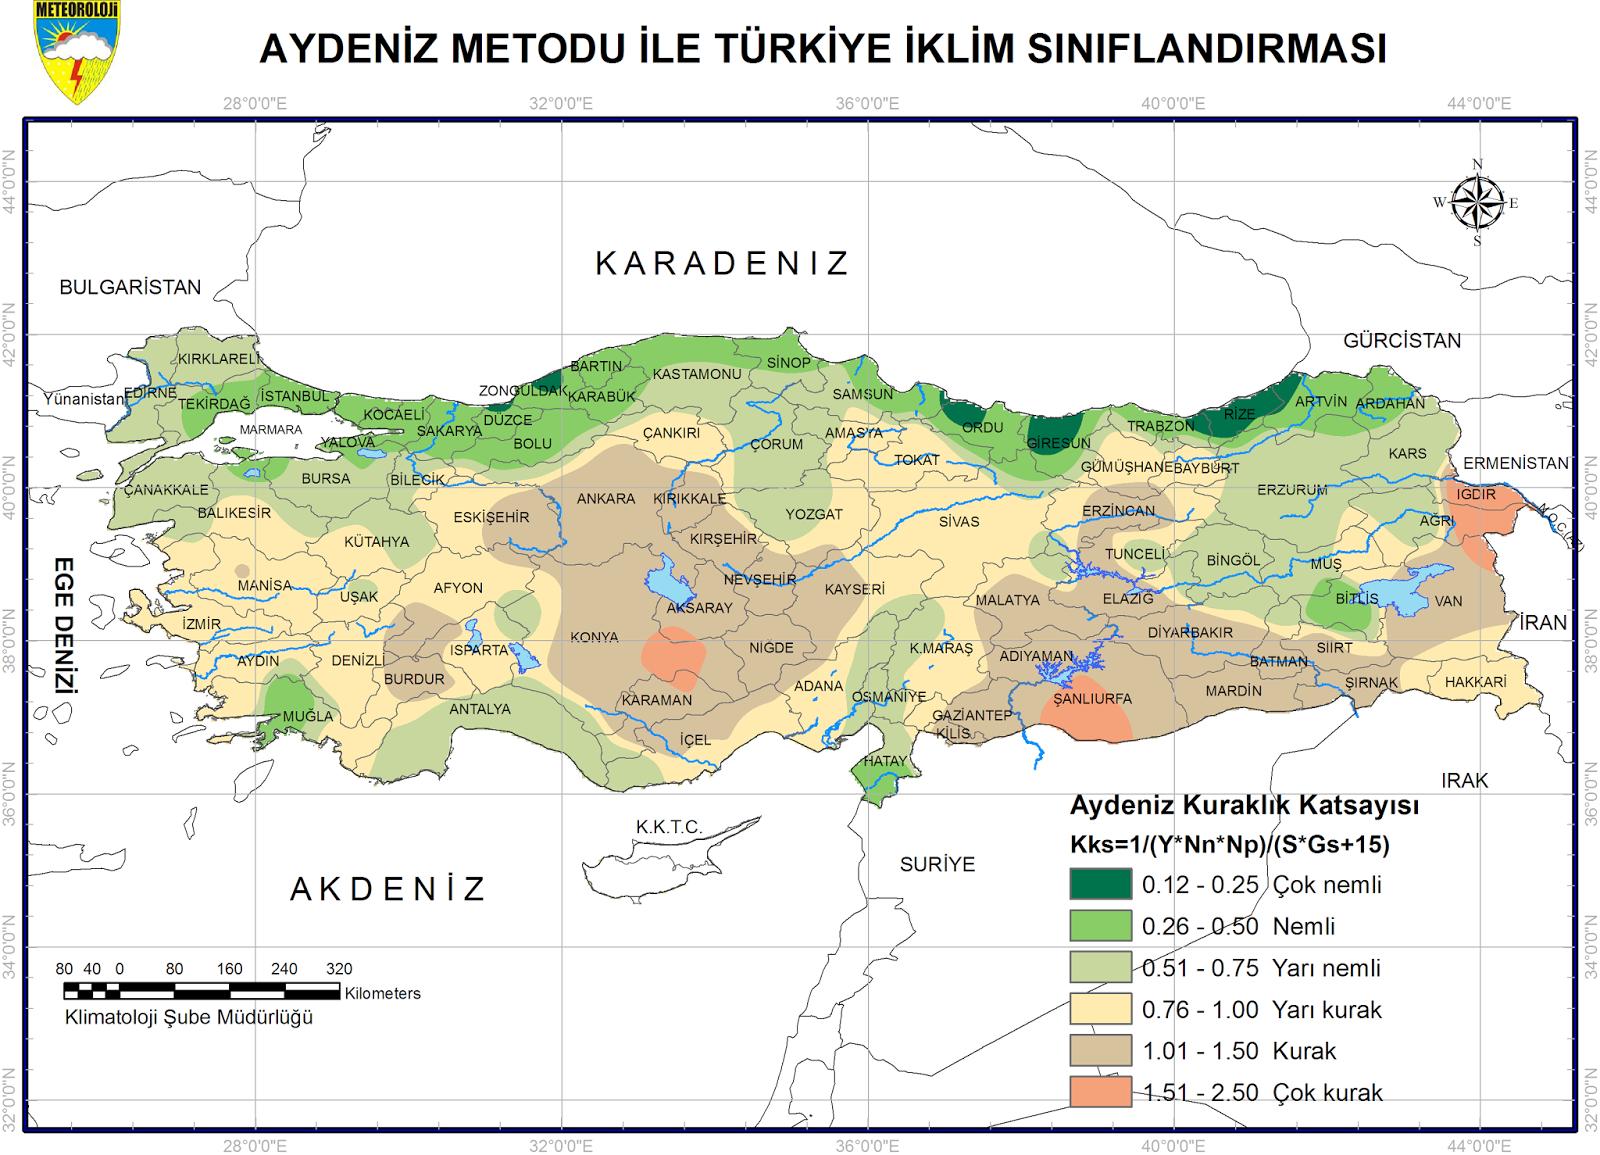 T�rkiye �klim S�n�fland�rmas� Haritalar�